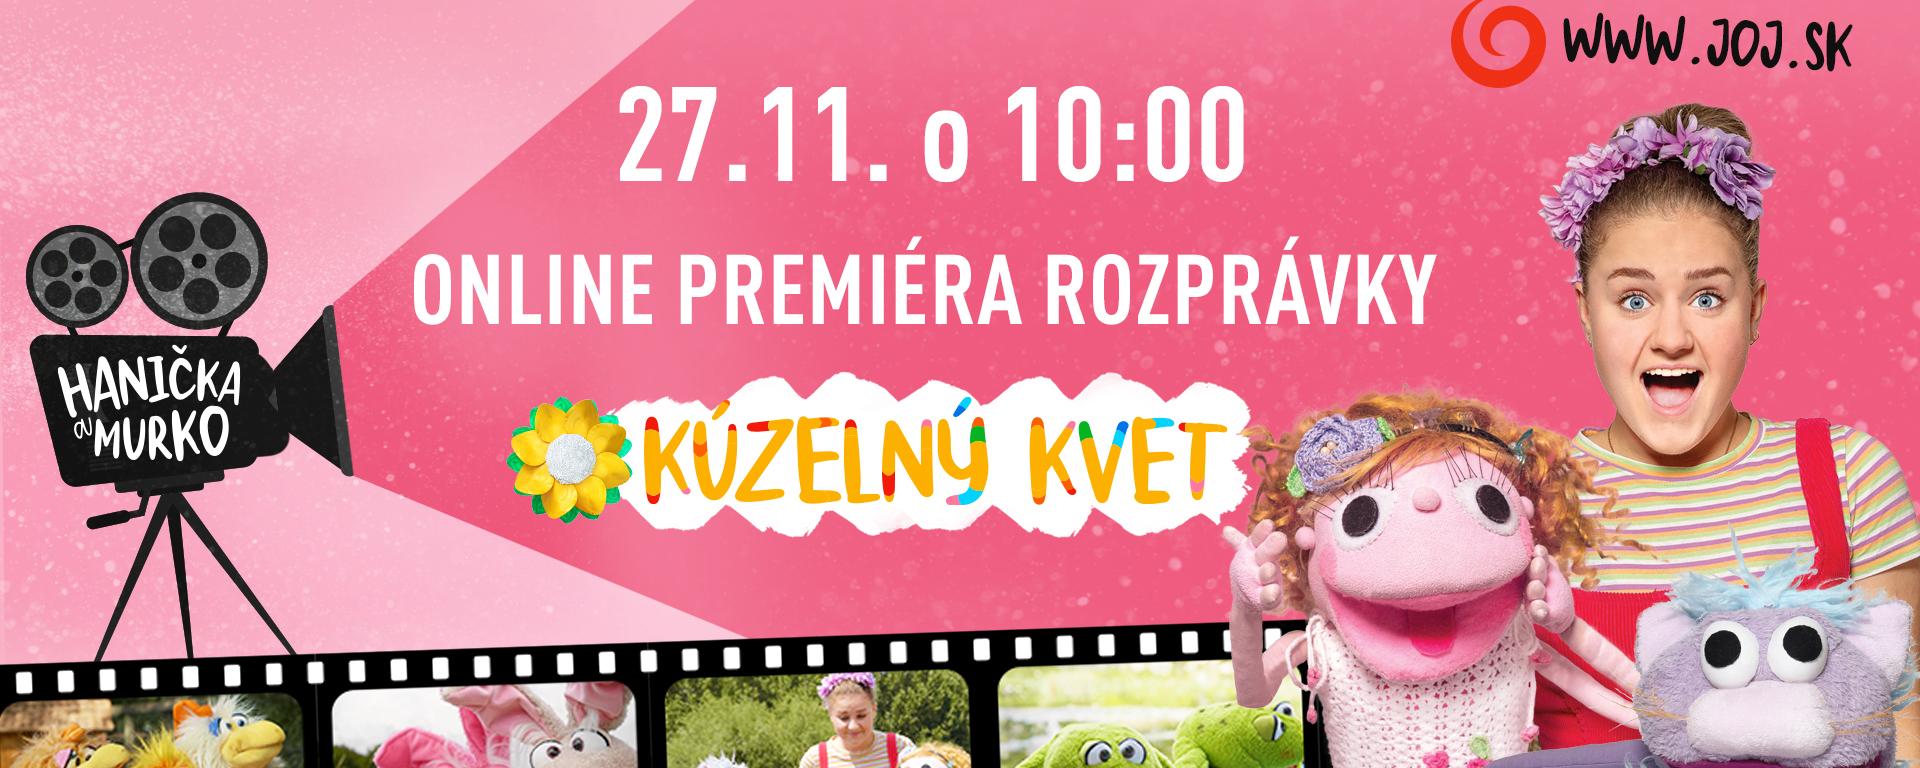 """Hanička a Murko prichádzajú s novou celovečernou rozprávkou """"Kúzelný kvet""""."""